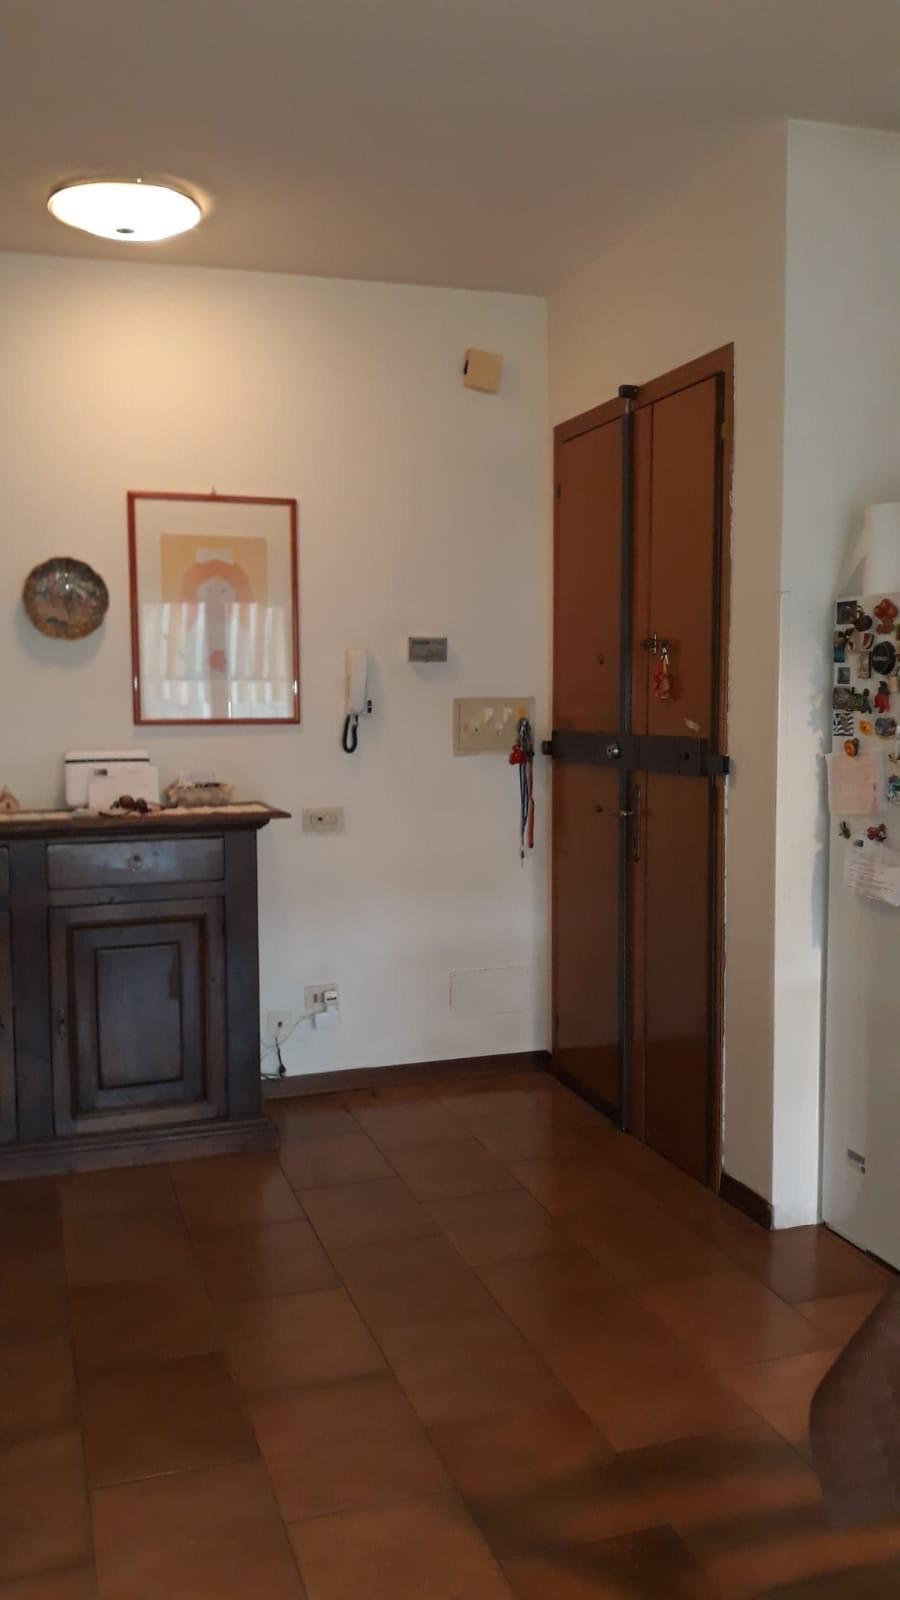 Appartamento in vendita a Vinci, 3 locali, prezzo € 165.000 | CambioCasa.it